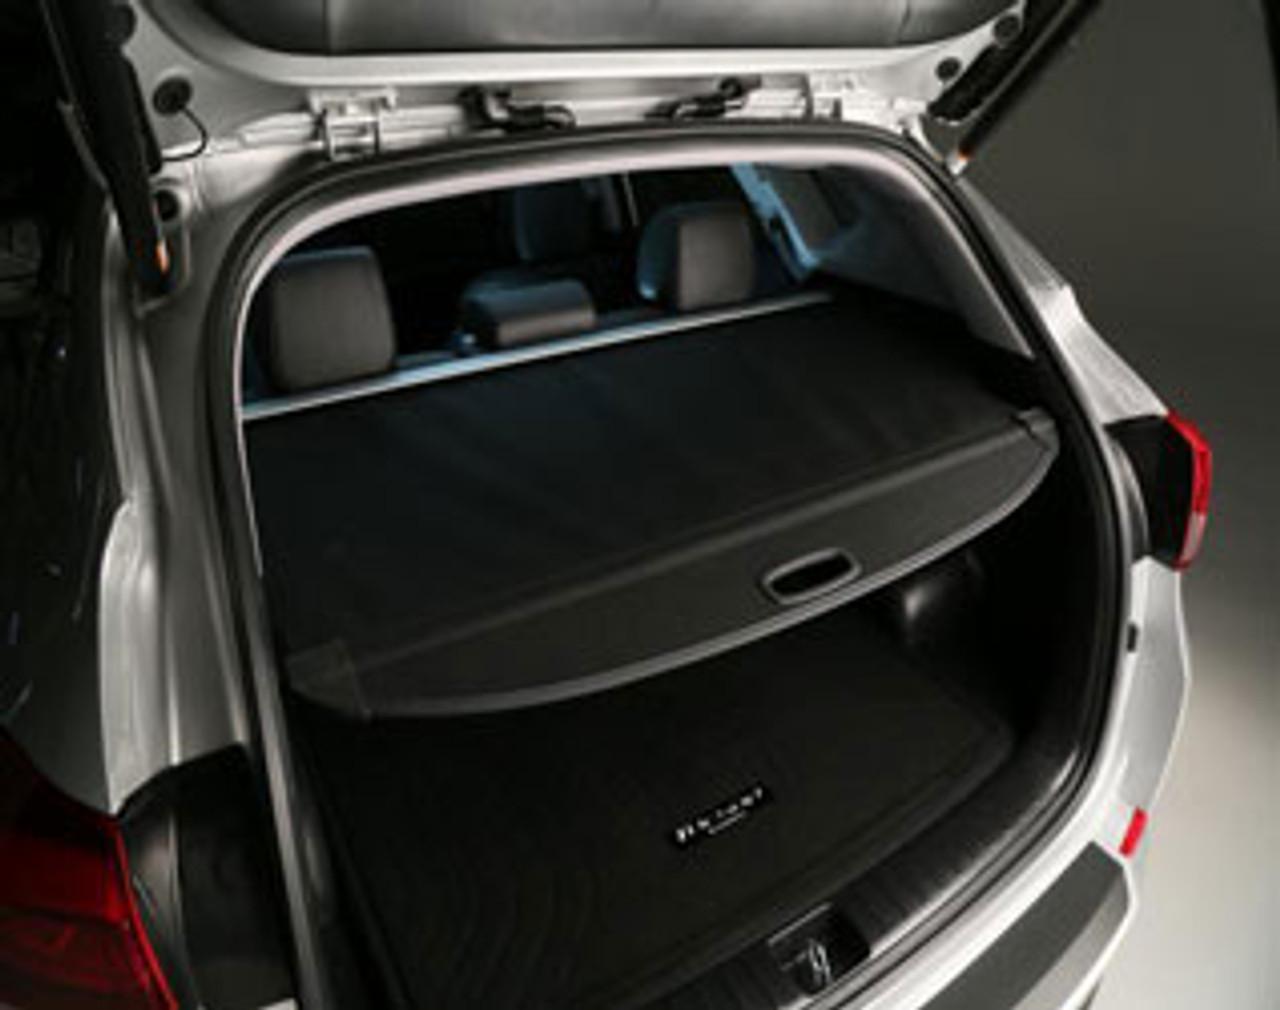 2016-2020 Hyundai Tucson Cargo Cover